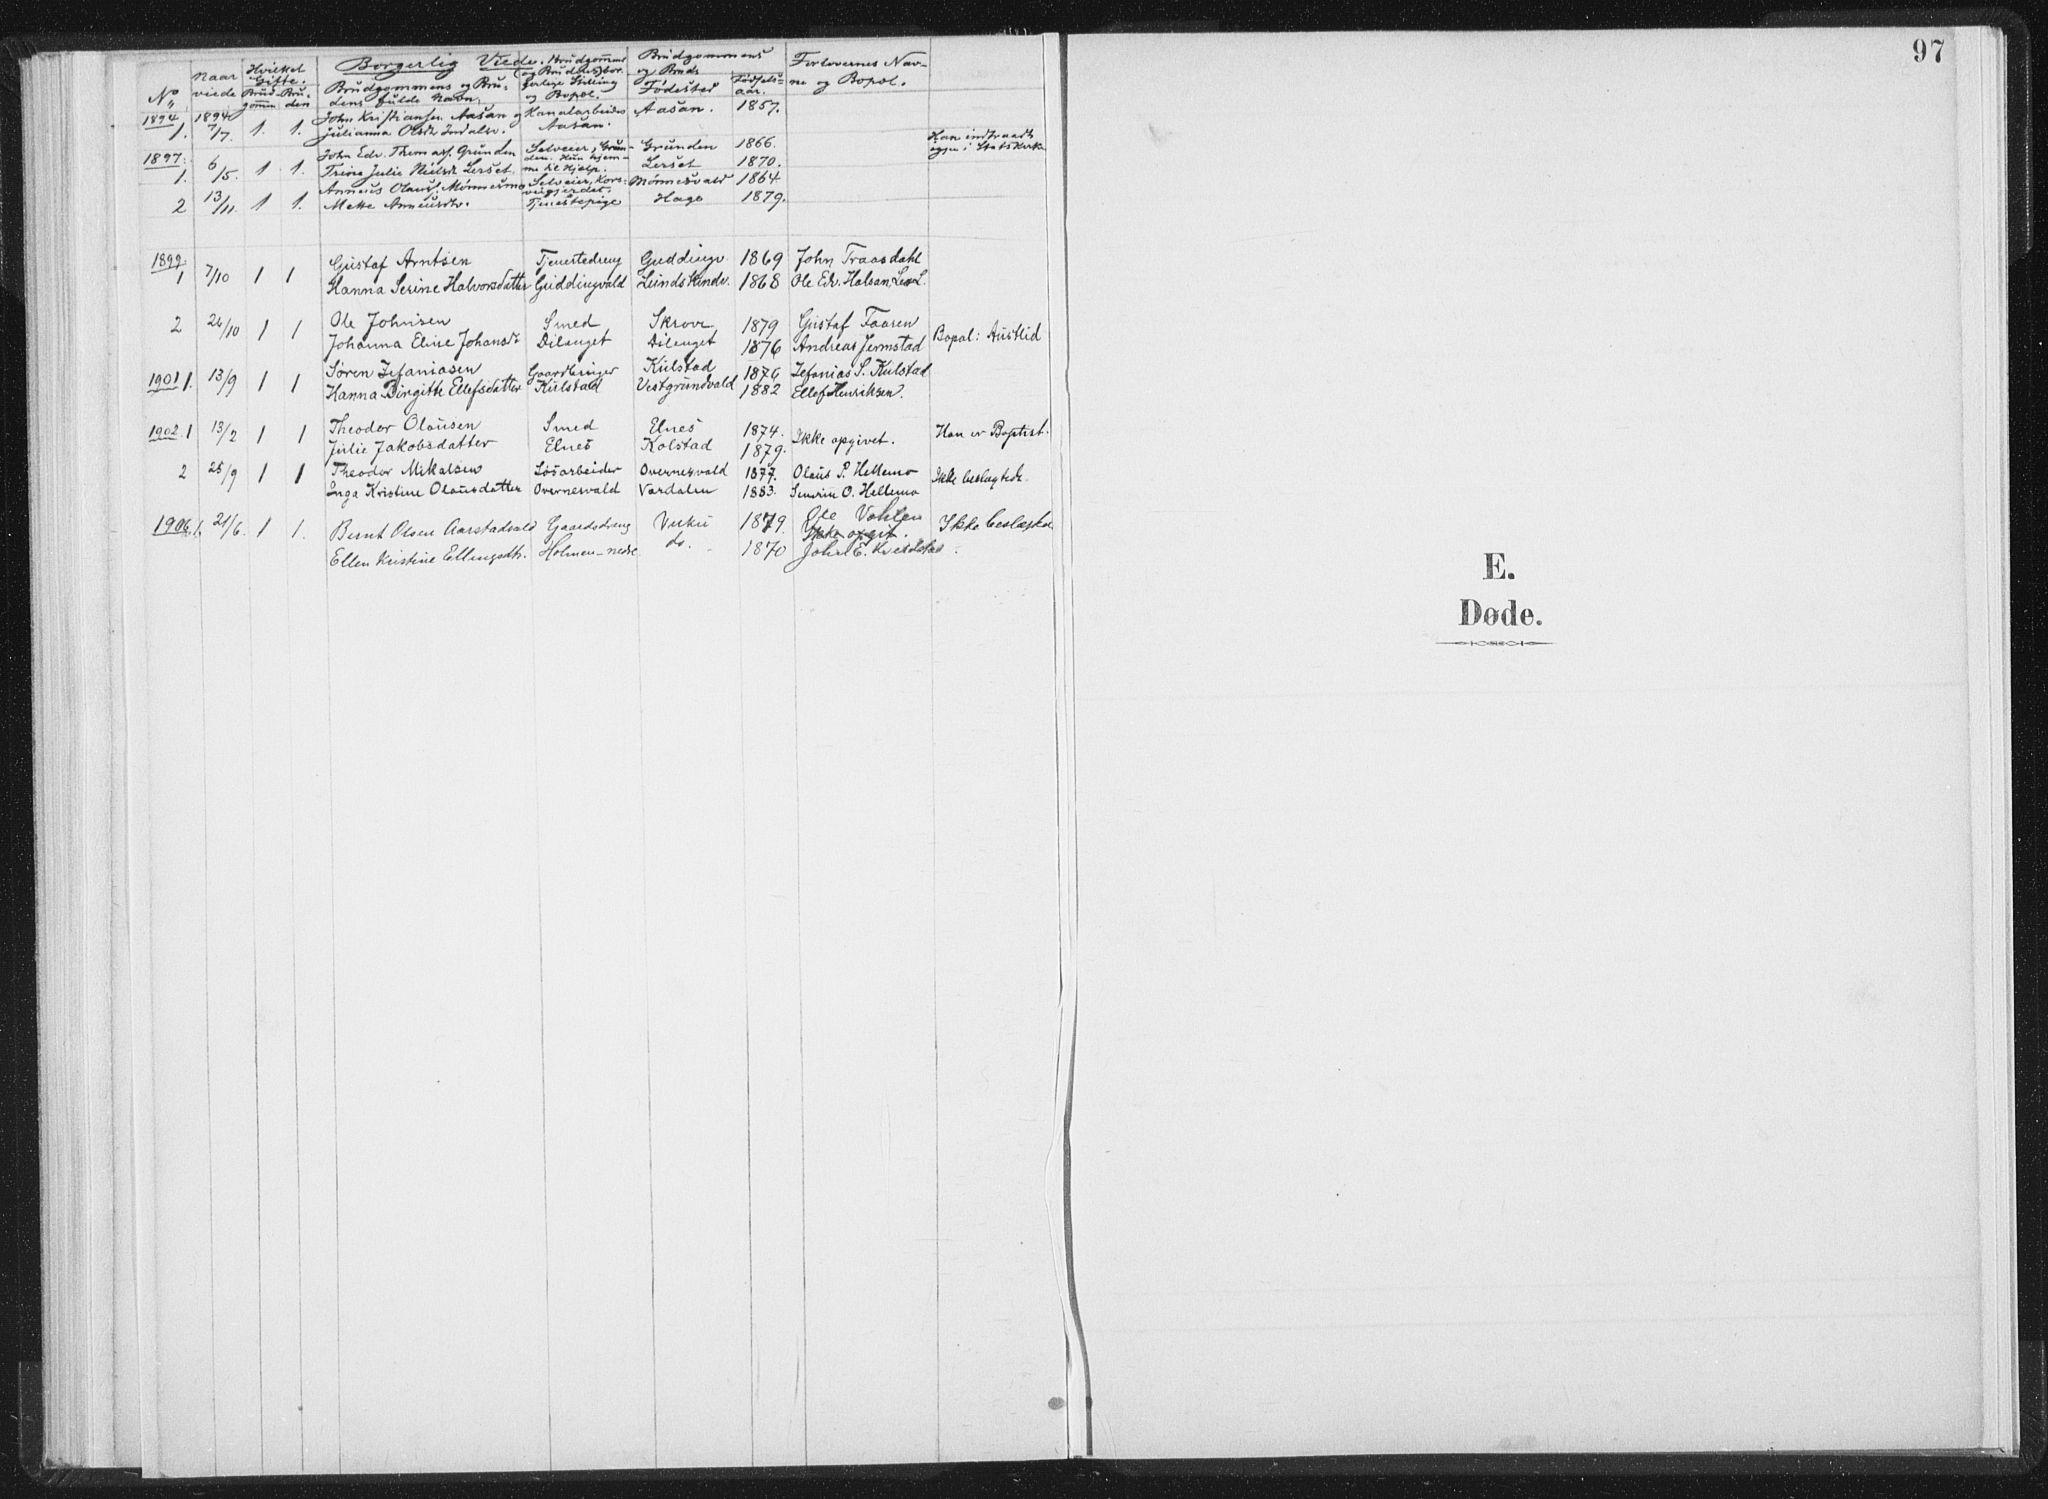 SAT, Ministerialprotokoller, klokkerbøker og fødselsregistre - Nord-Trøndelag, 724/L0263: Ministerialbok nr. 724A01, 1891-1907, s. 97